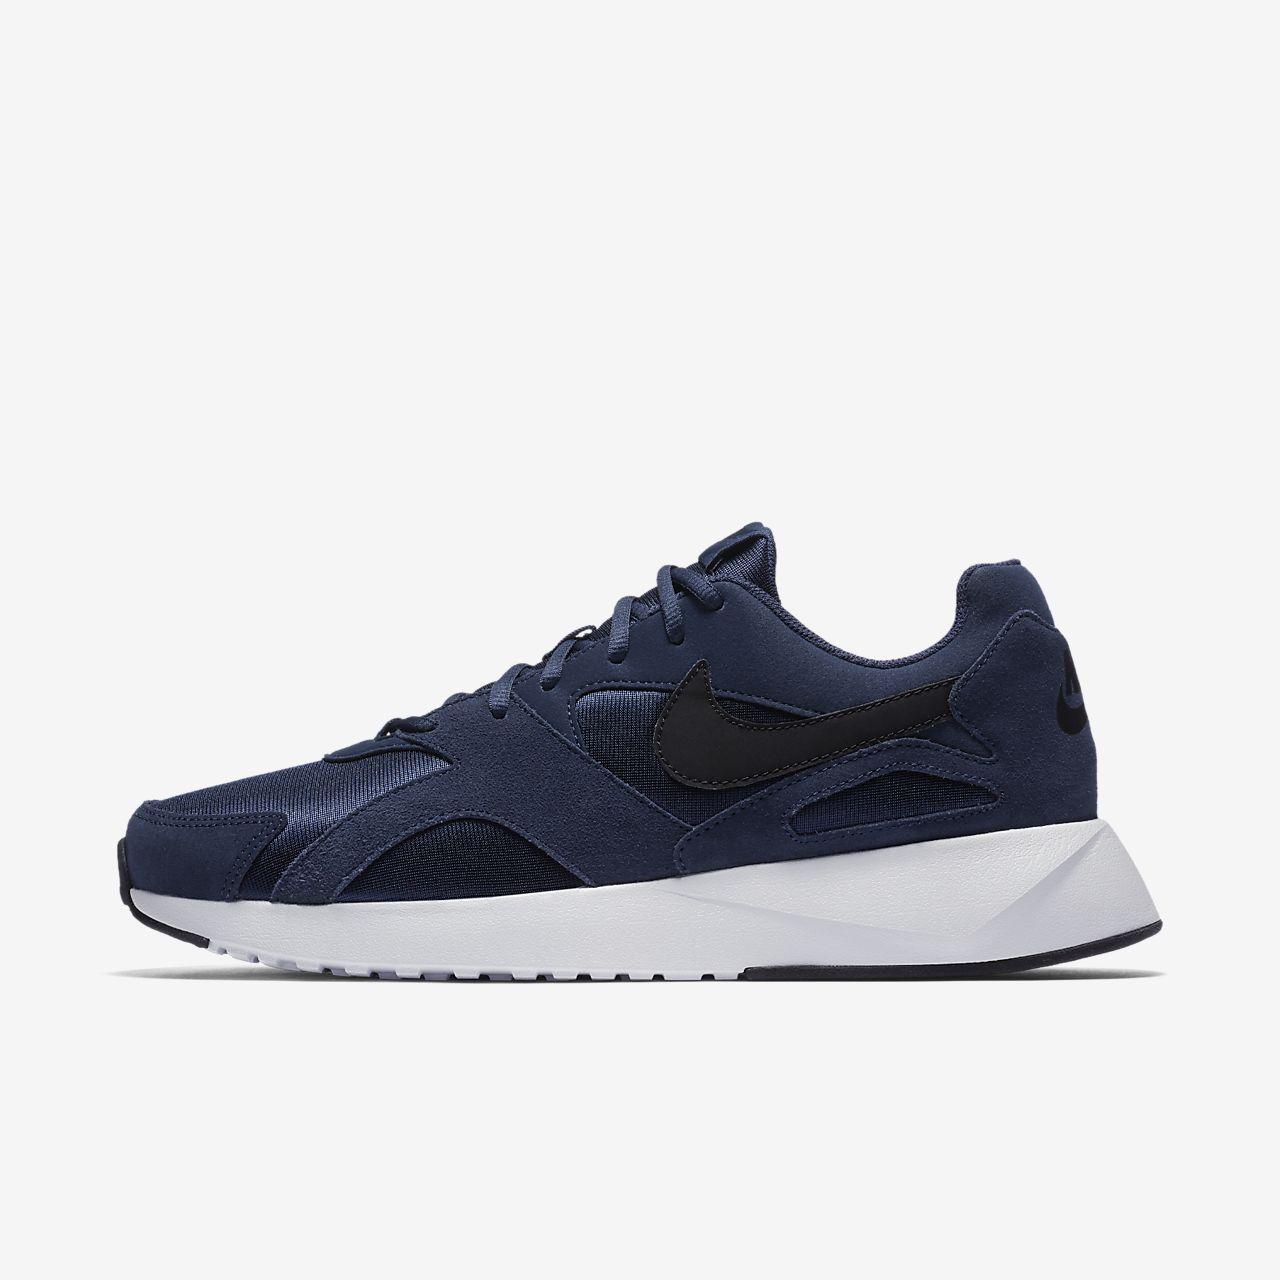 Nike Pantheos Uomo Sneakernews Venta De Italia La Venta En Línea Tienda De Descuento Despacho aohtb1k,